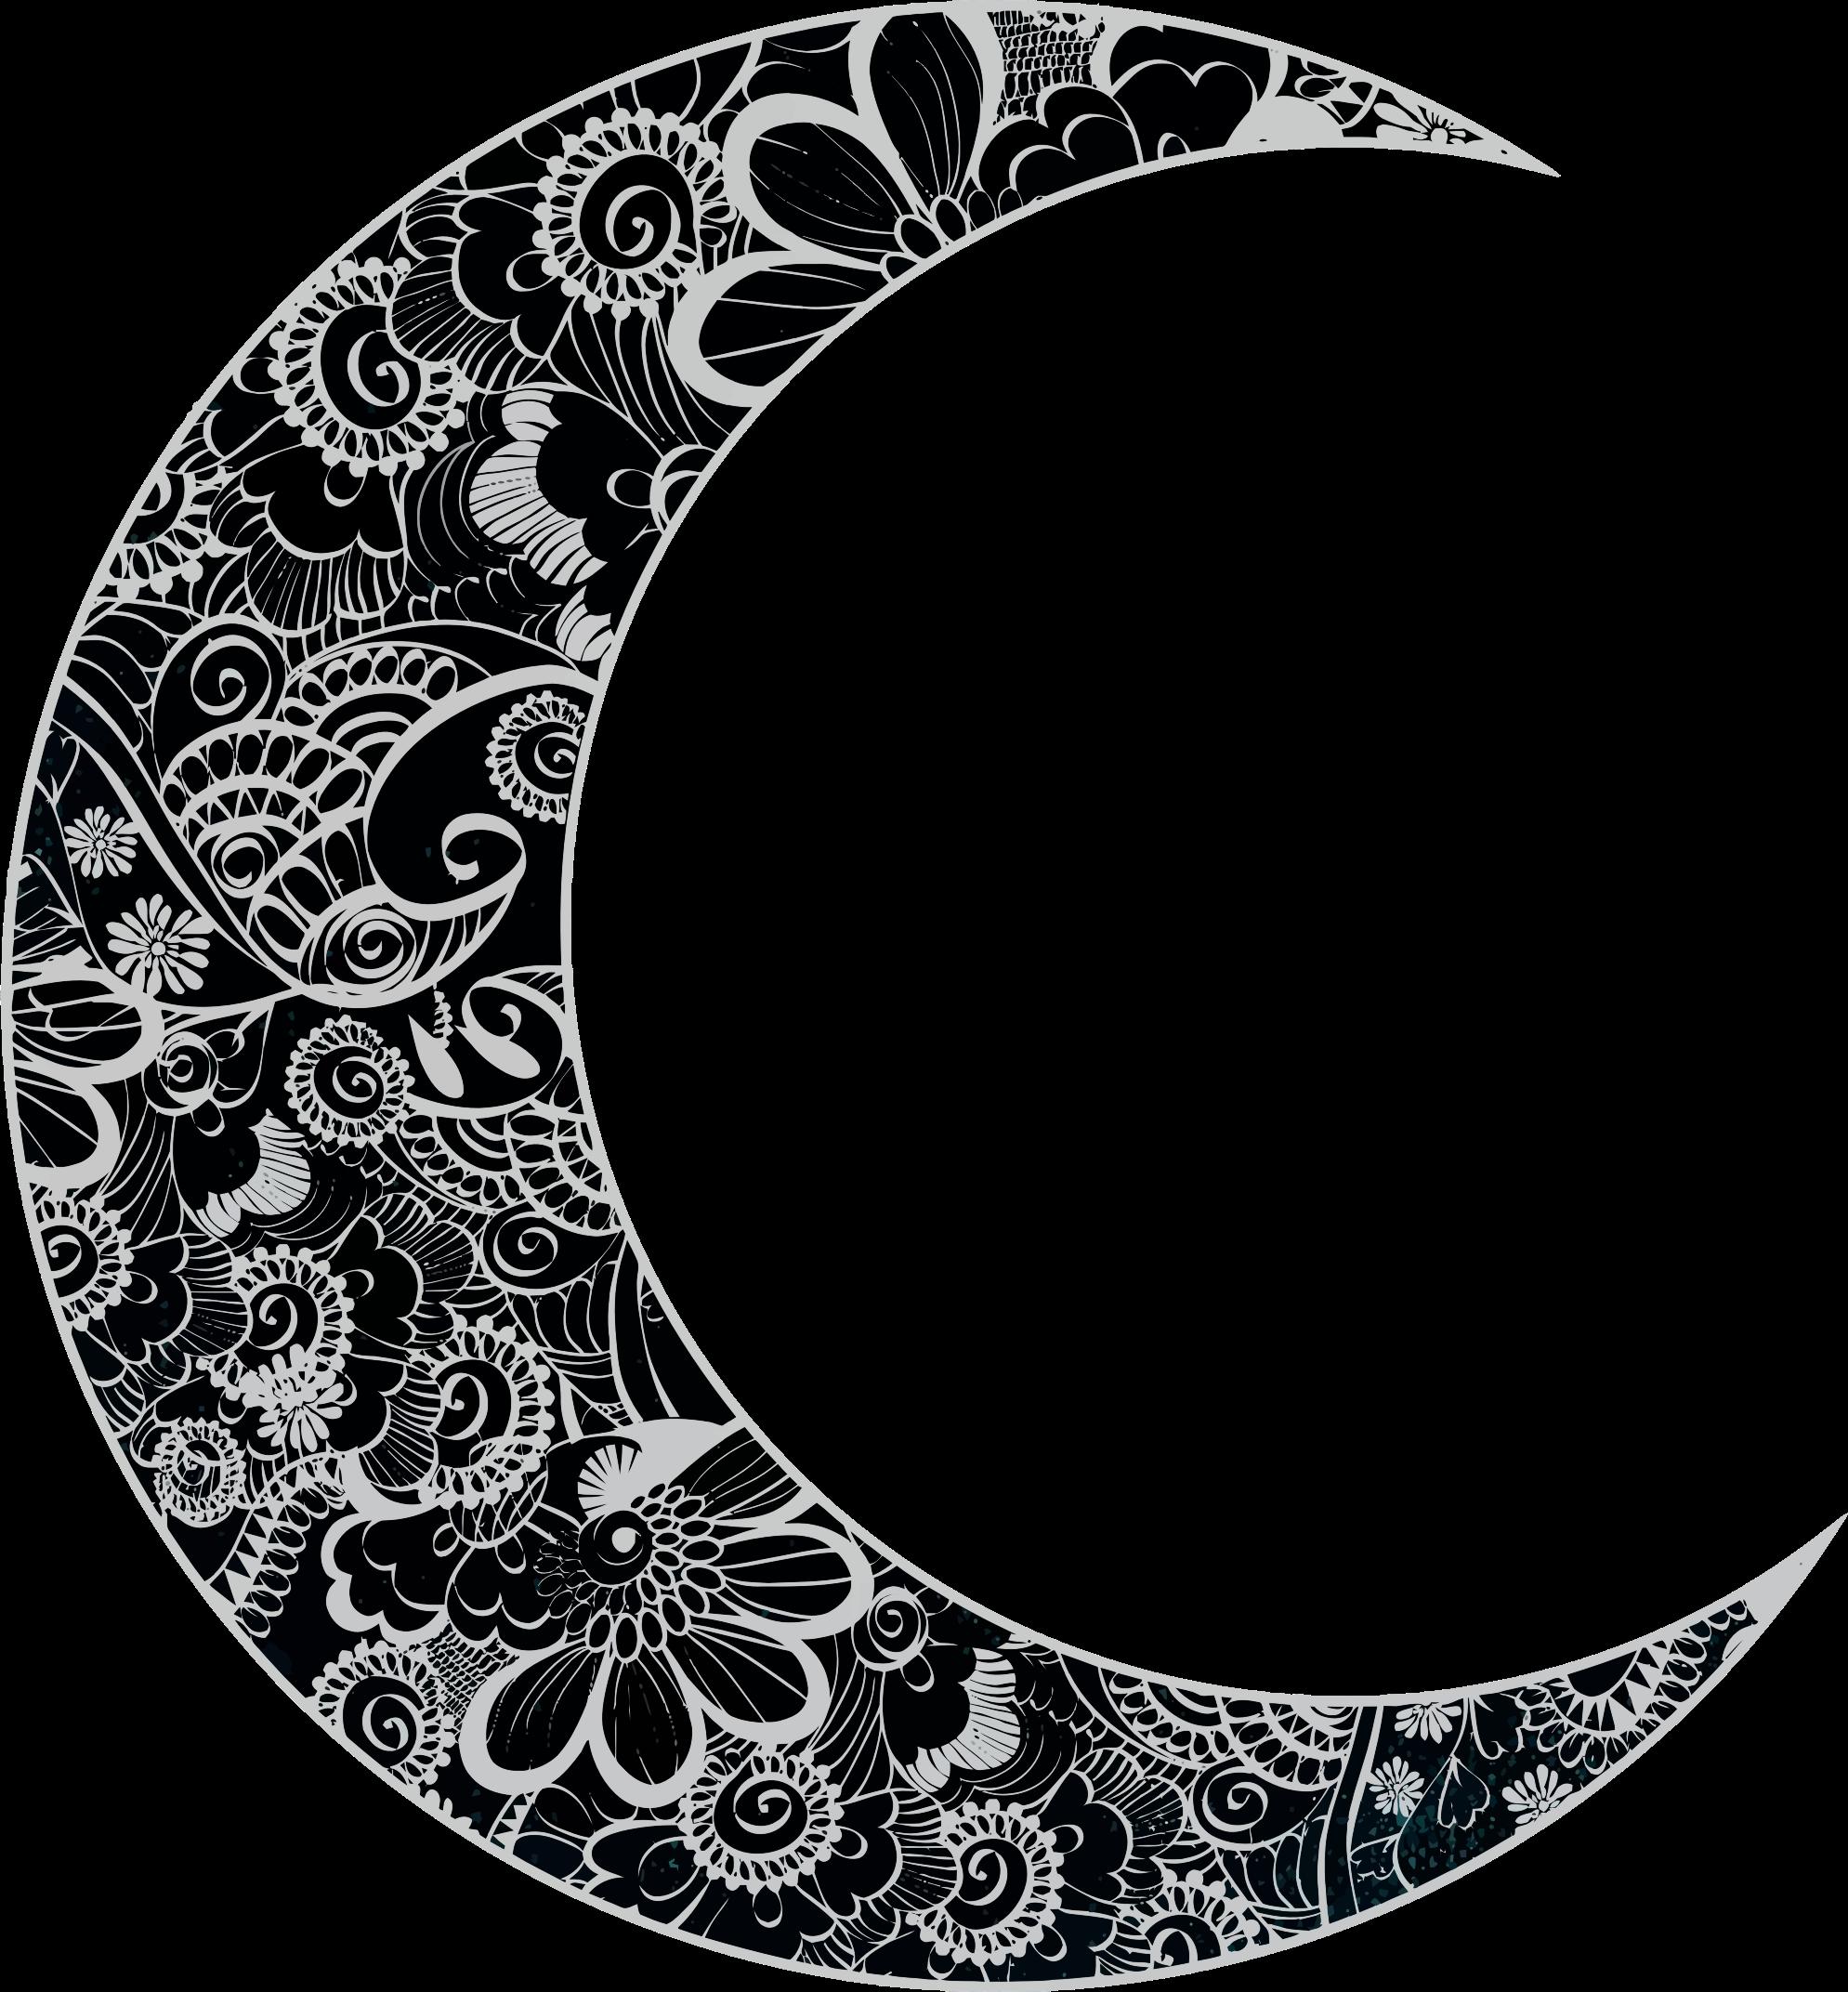 Floral Crescent Moon Moon Tattoo Crescent Moon Tattoo Crescent Moon Art